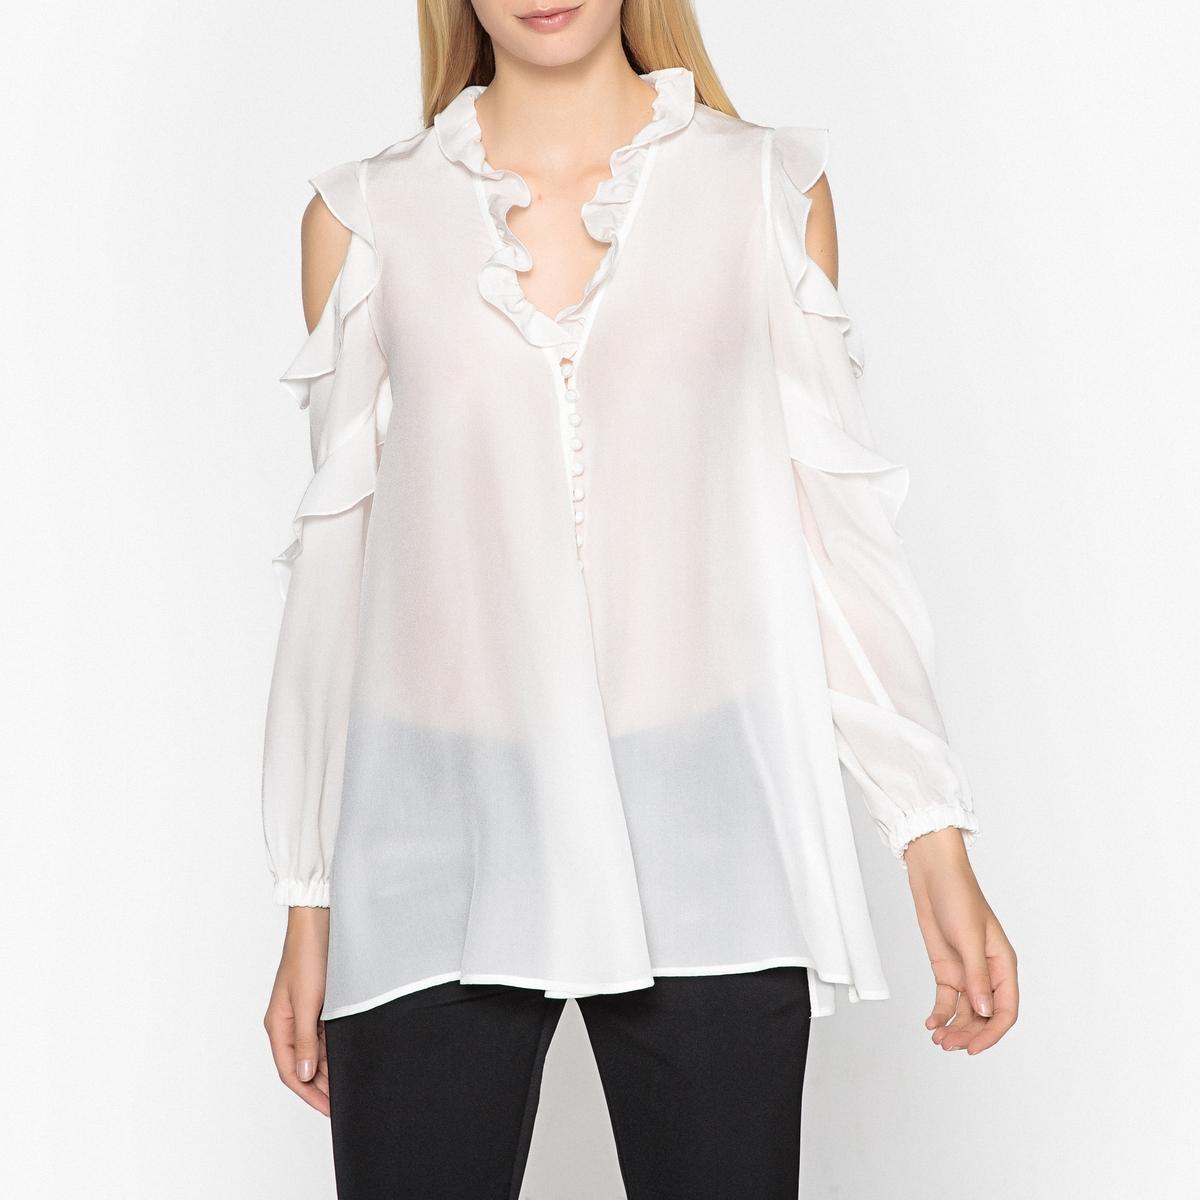 Блузка шелковая с открытыми плечами и воланами